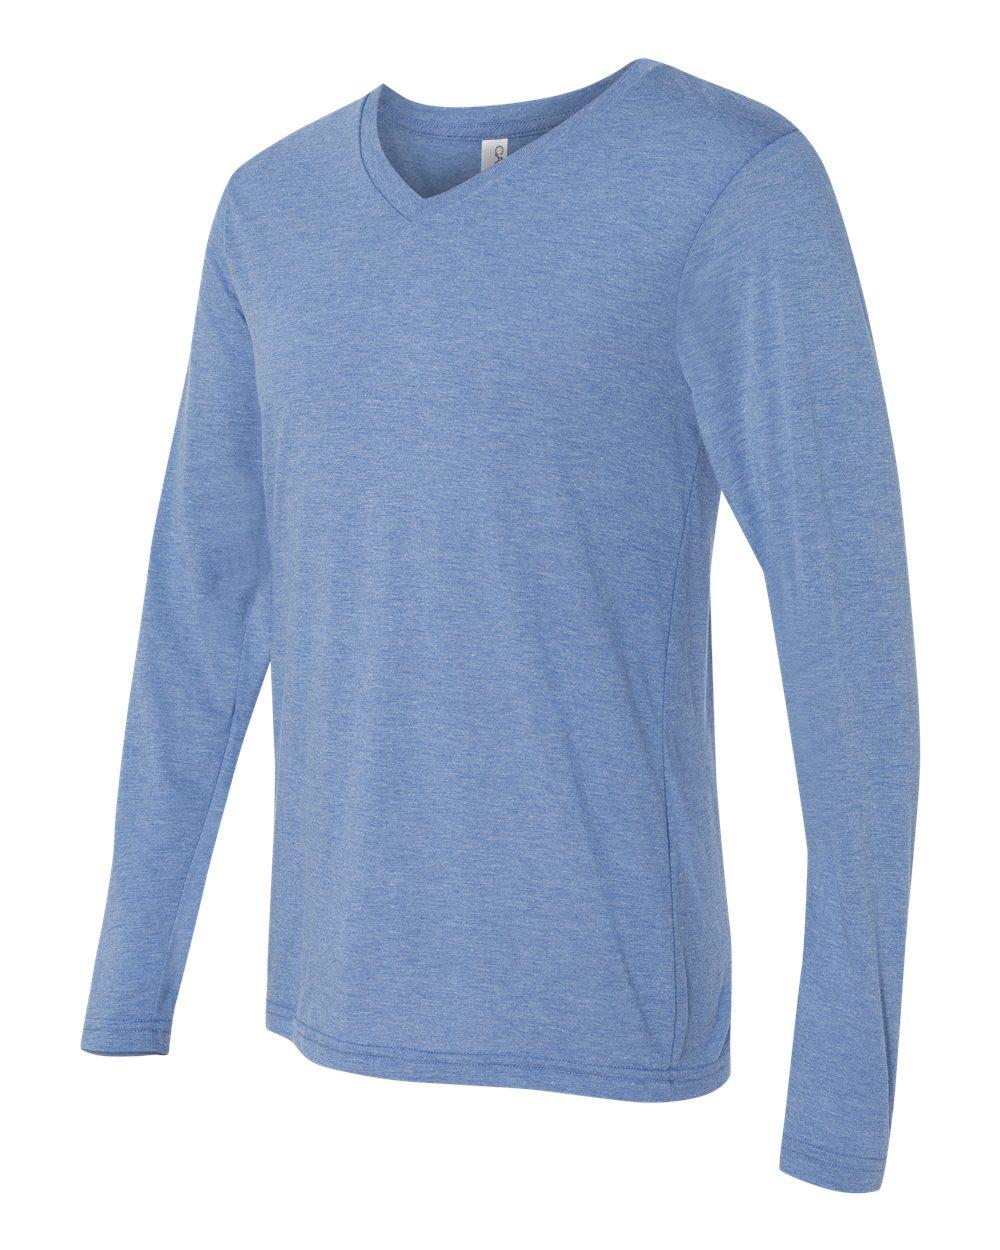 Bella-Canvas-Unisex-Jersey-Long-Sleeve-V-Neck-T-Shirt-3425-XS-2XL thumbnail 18